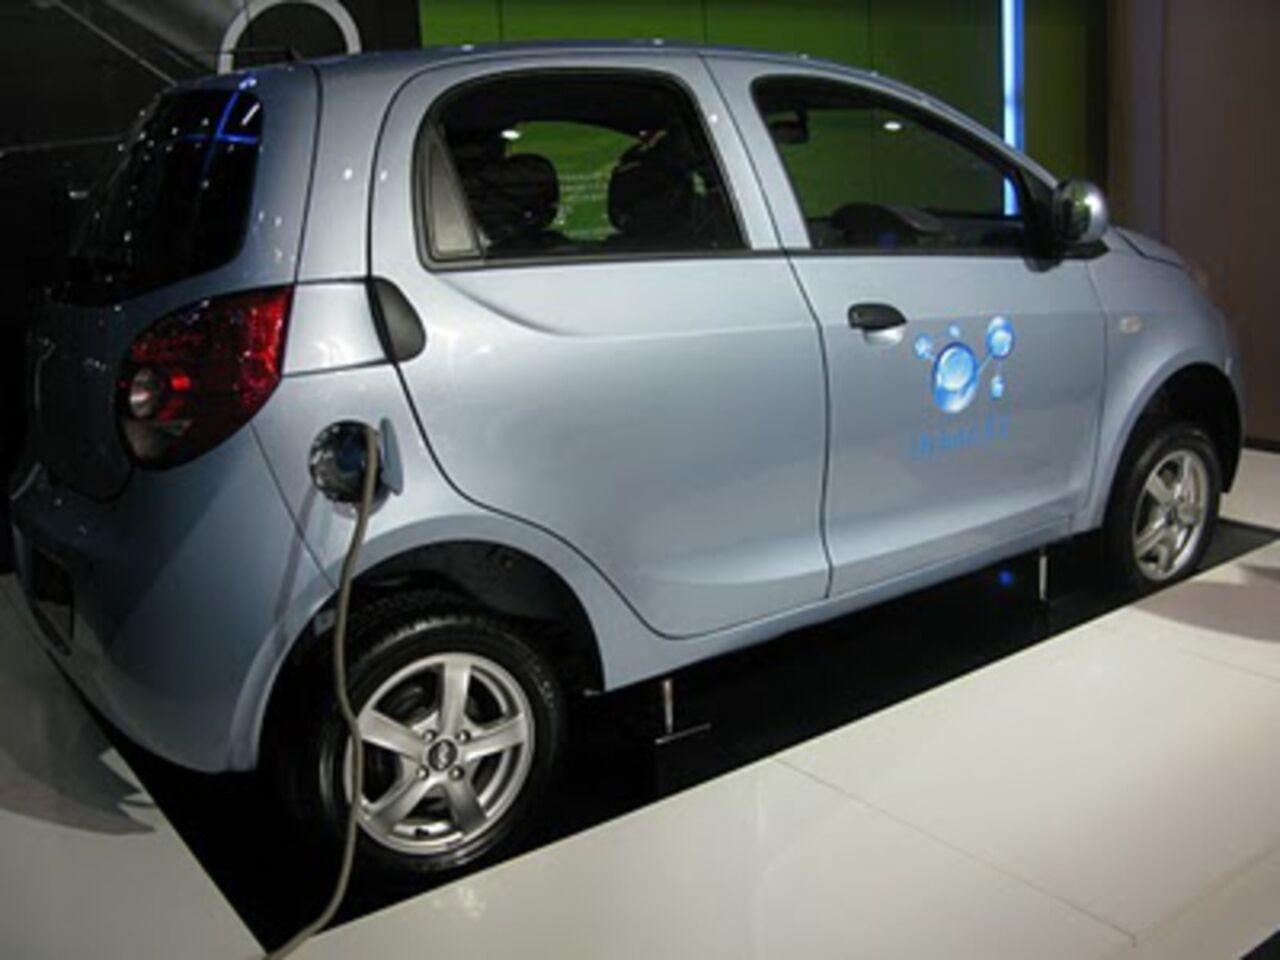 КНР вчетверо увеличит производство авто нановых источниках энергии